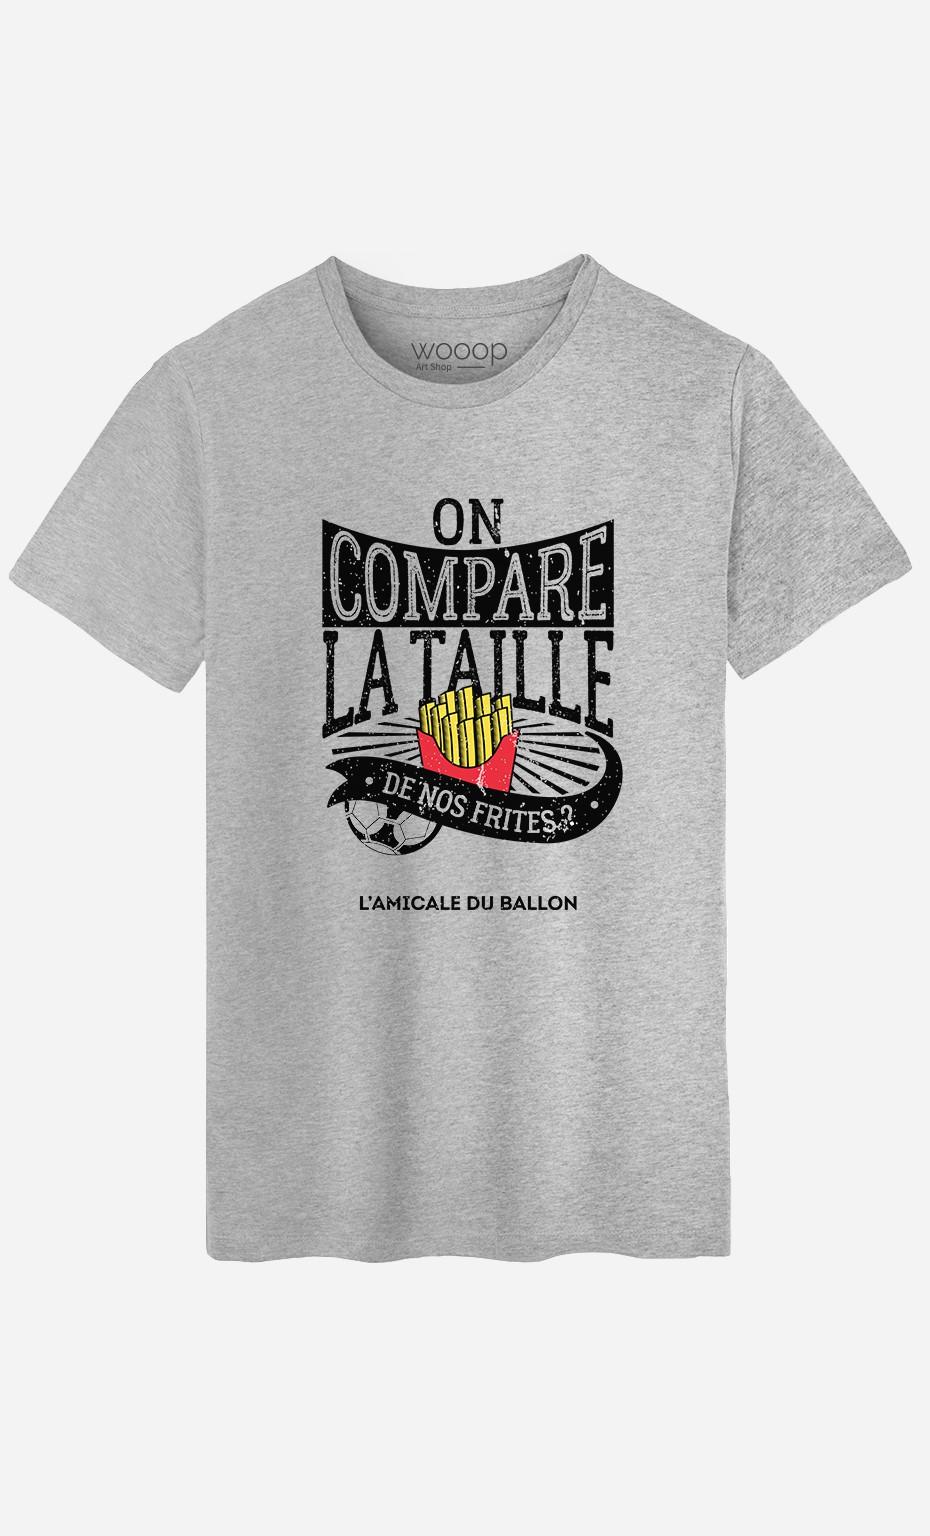 T-Shirt Homme On Compare la Taille de Nos Frites